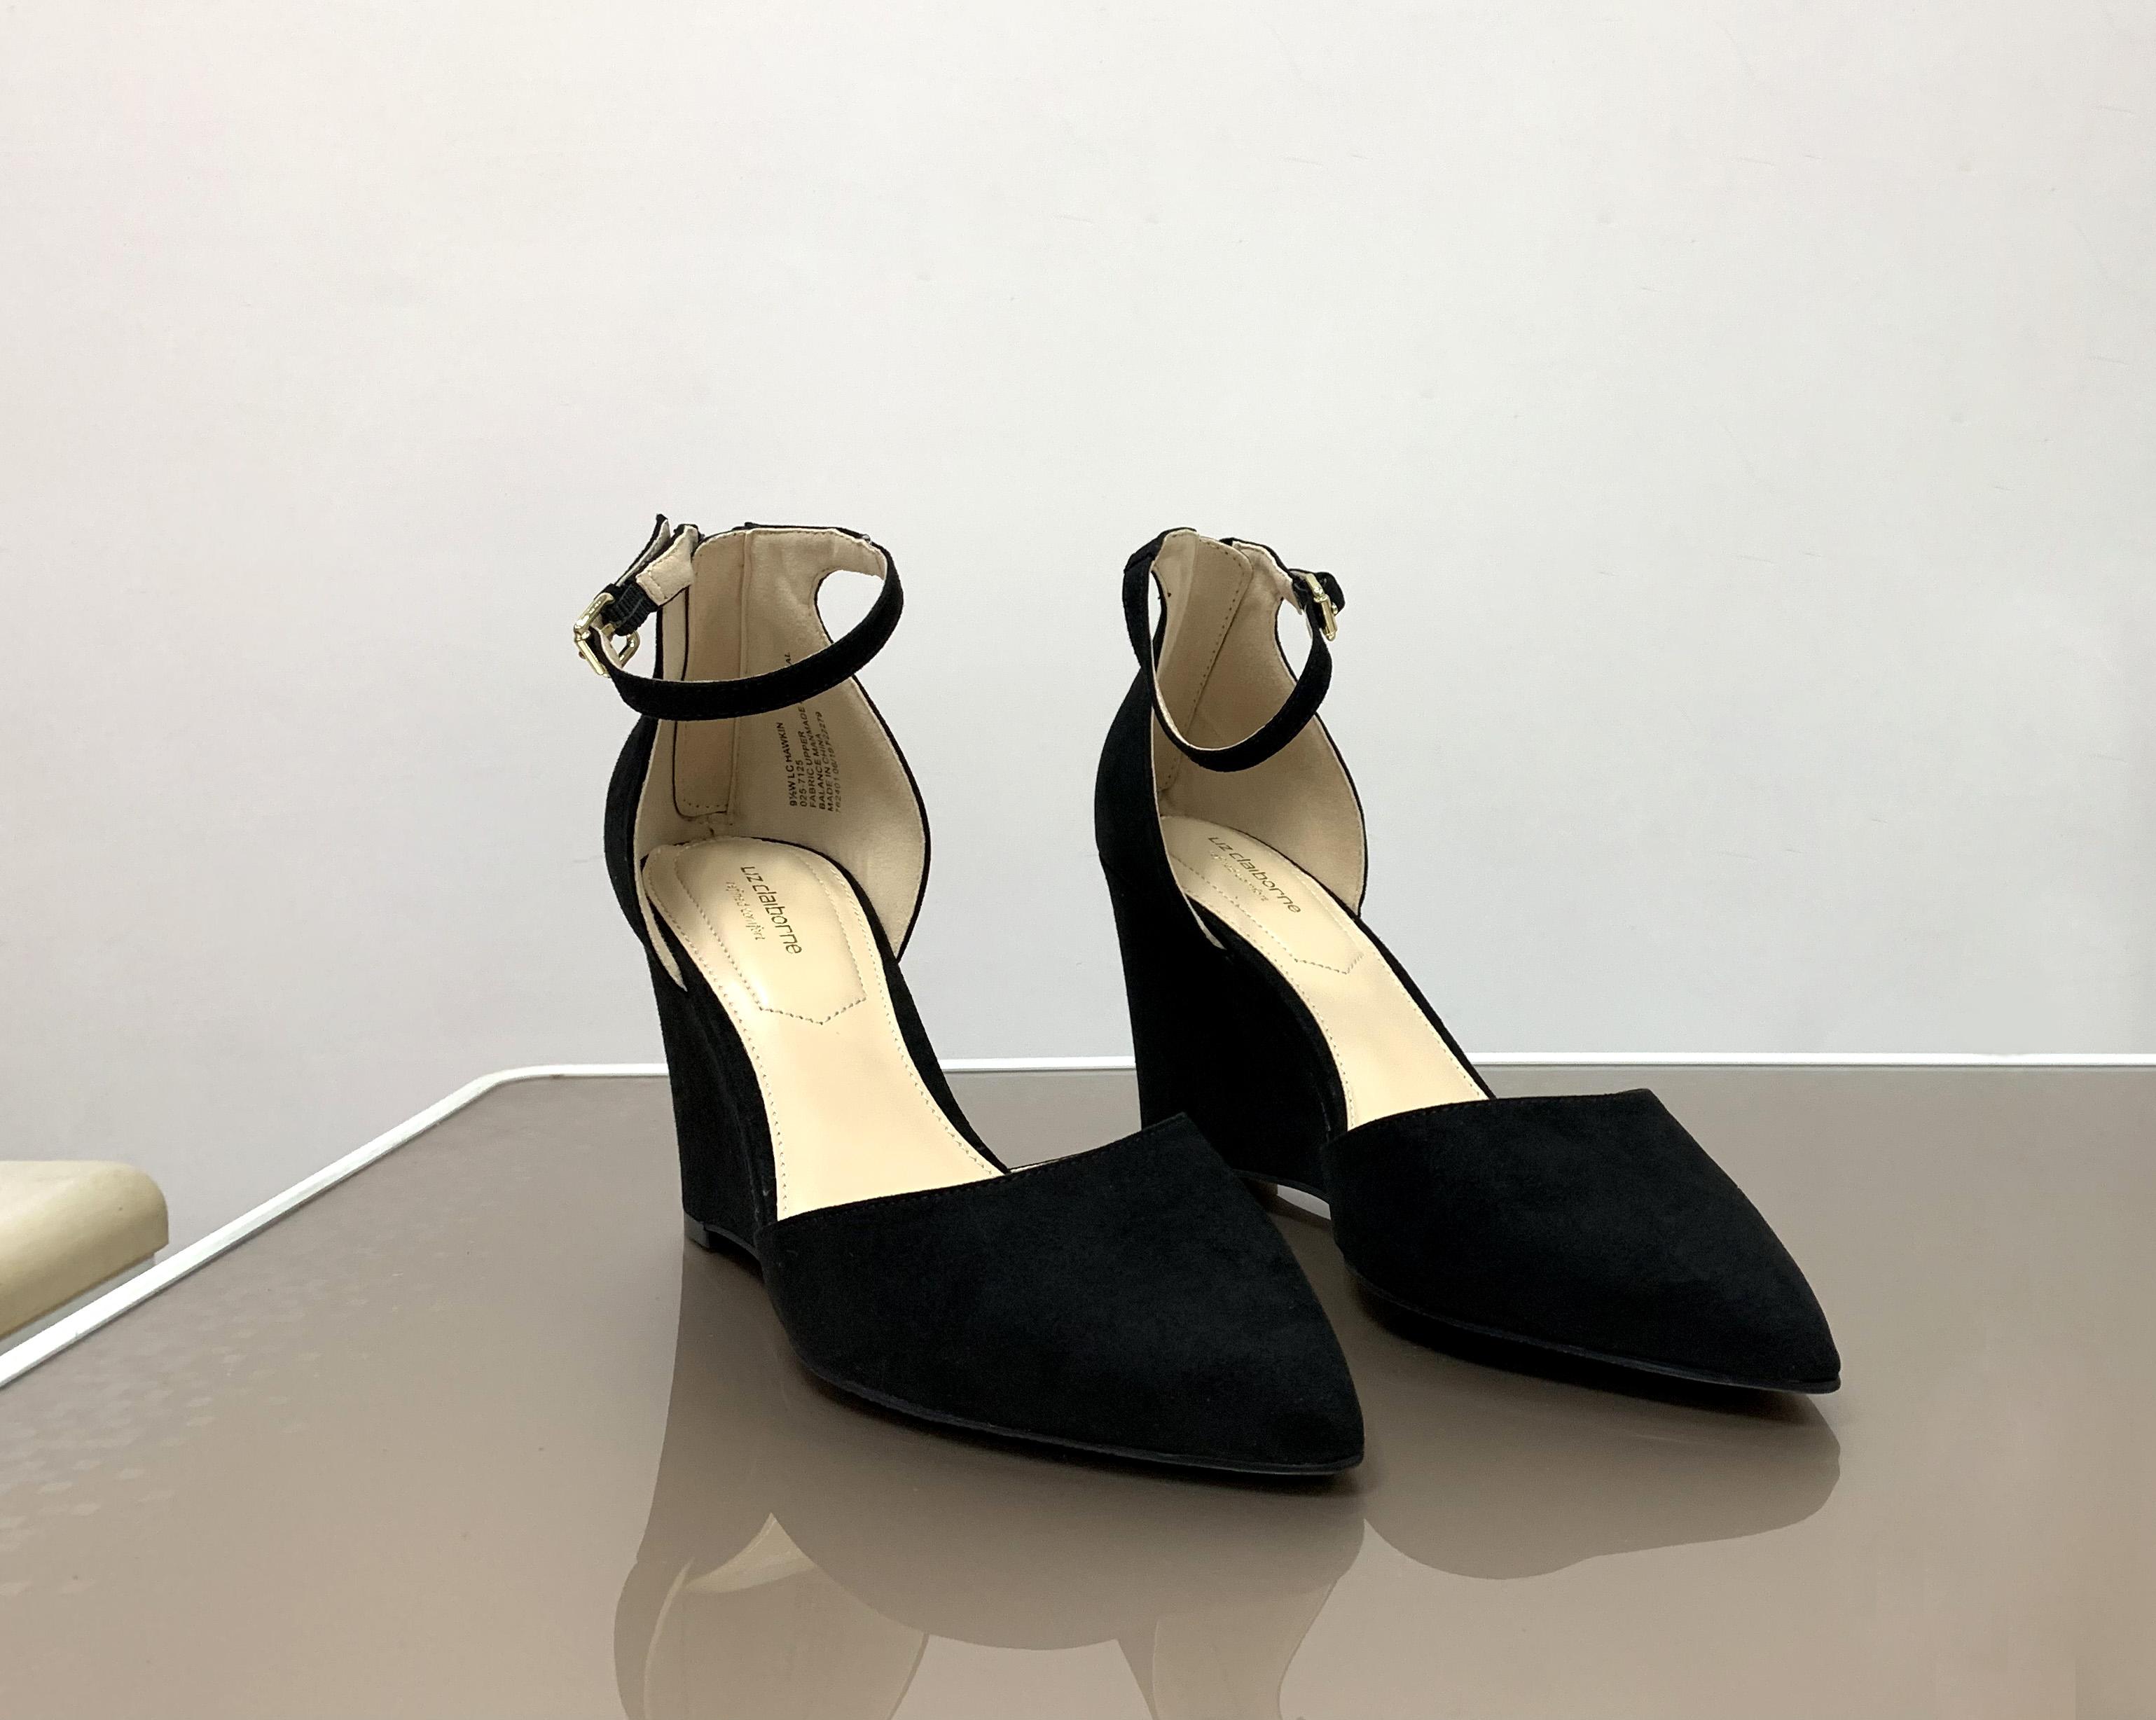 新款夏坡跟高跟淑女舒适日常休闲街头宴会脚踝扣带凉鞋女鞋单鞋